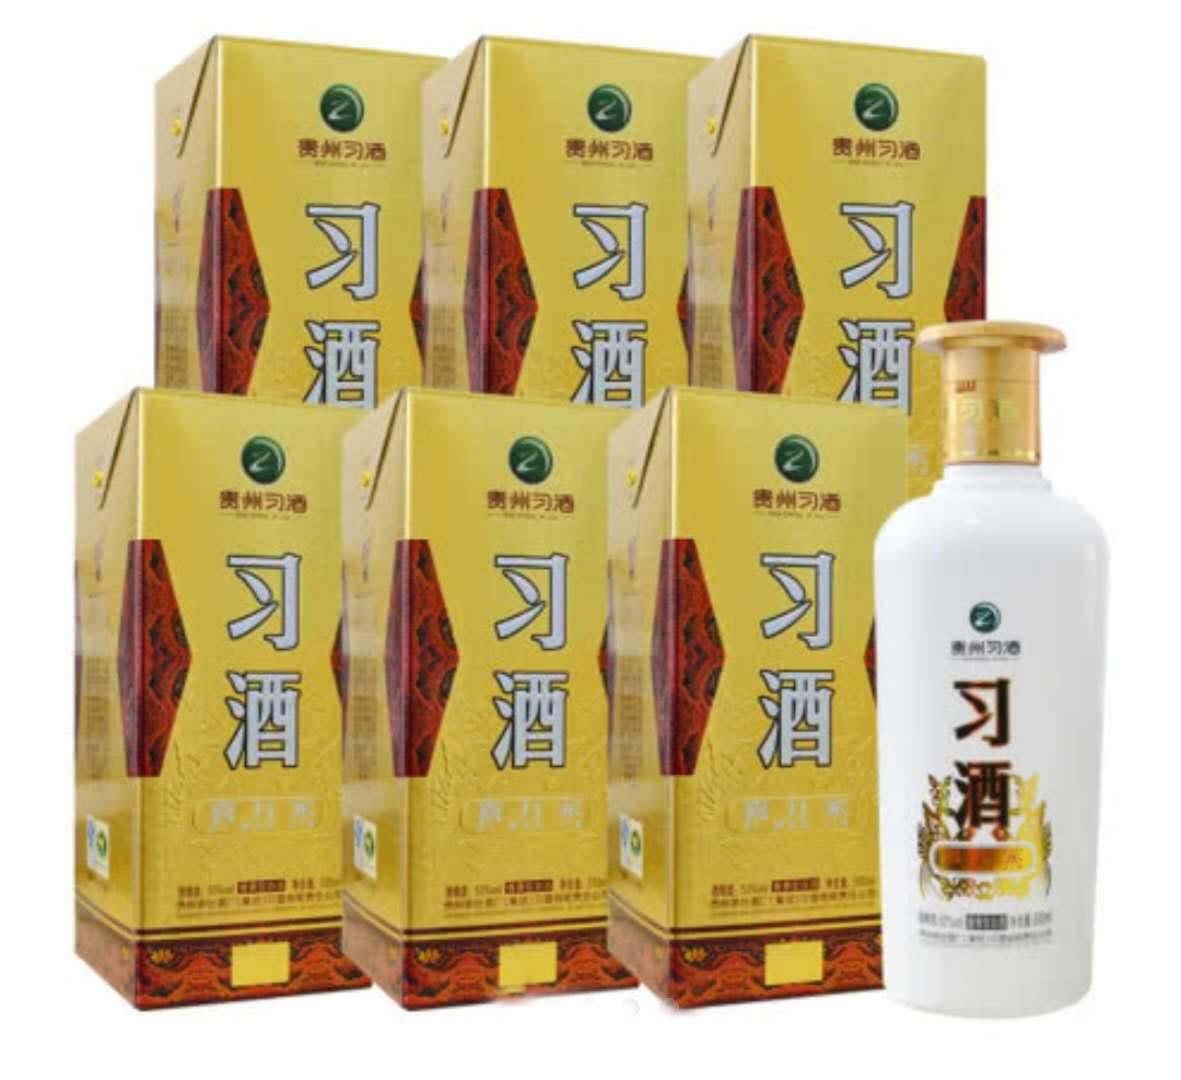 53°贵州茅台集团 习酒 精品喜万家金装 酱香型 500ml*6 整箱装